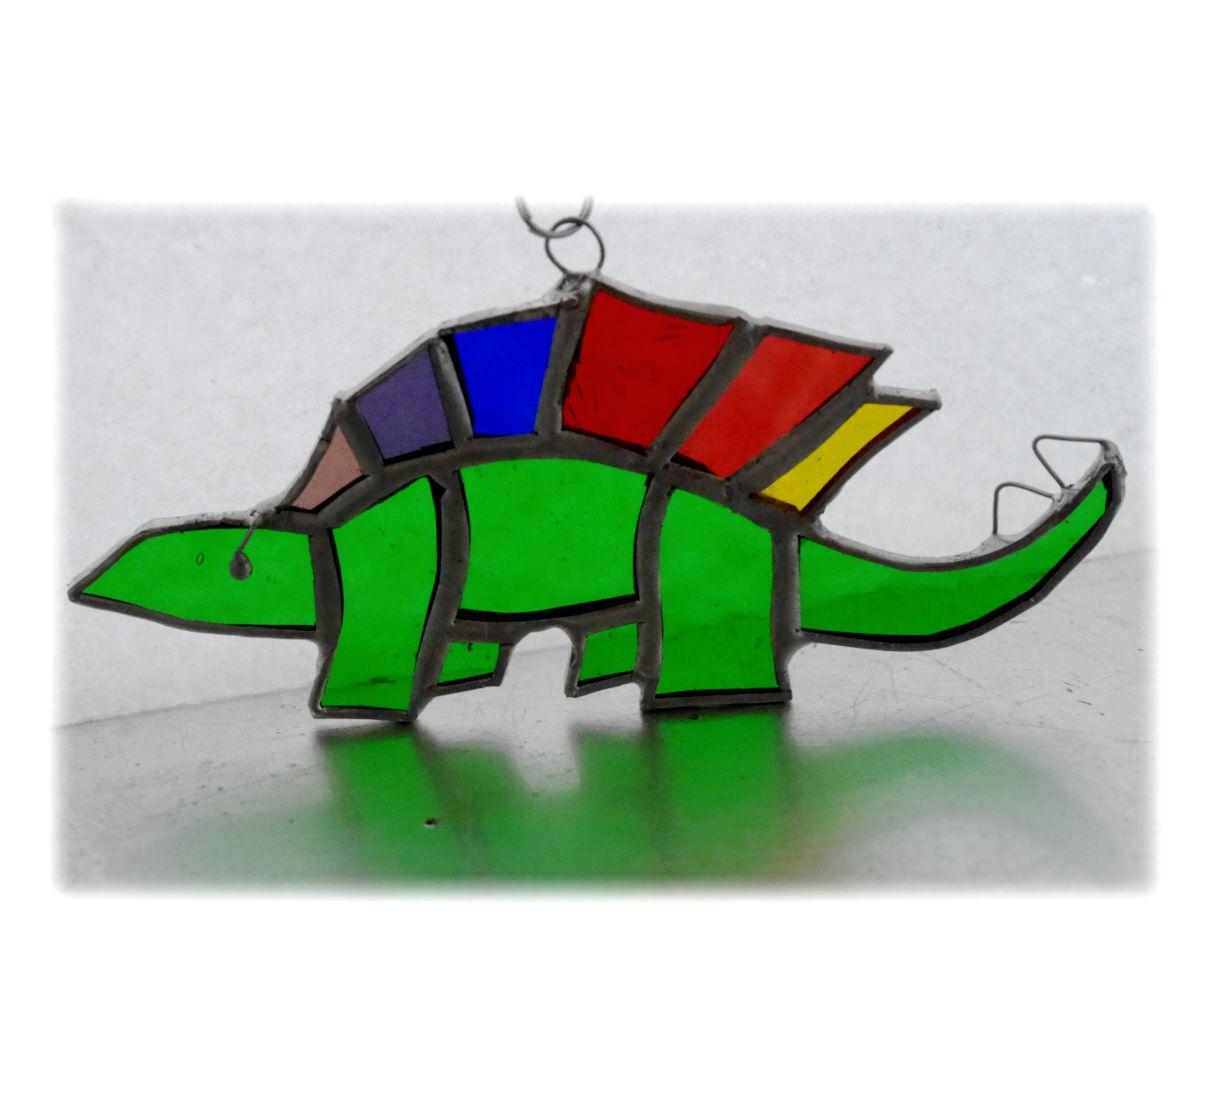 GREEN Dinosaur Stegosaurus 029 #1812 FREE 13.00